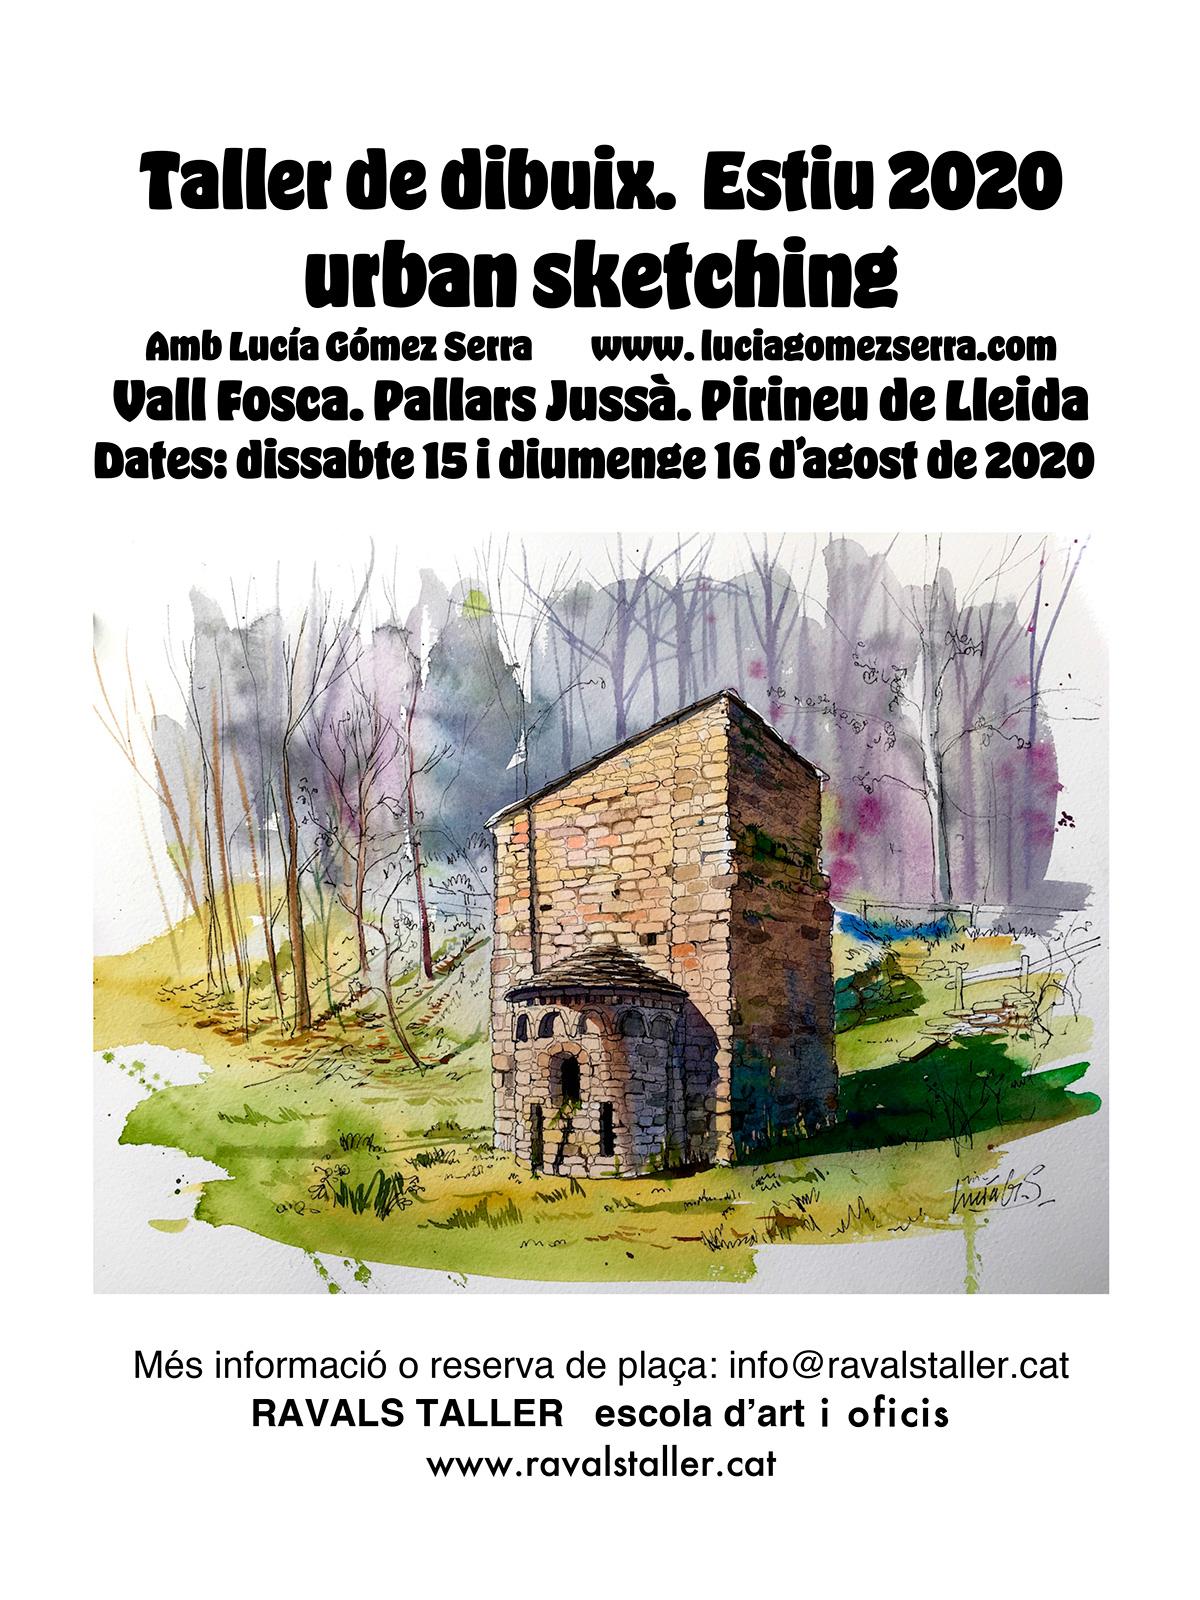 Taller de dibuix. Urban Sketching. Estiu 2020. Vall Fosca